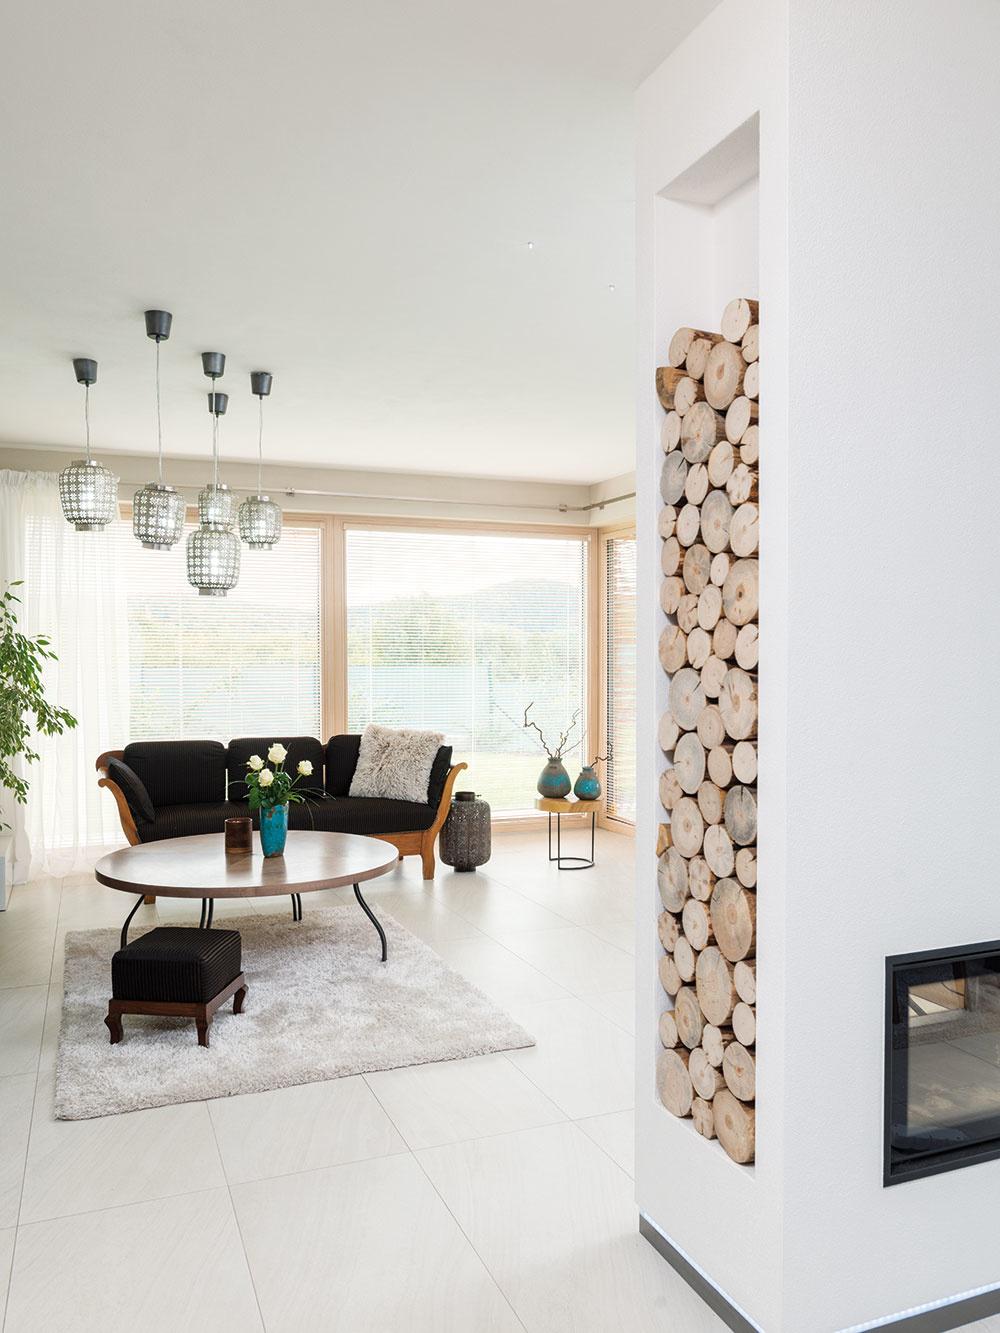 Kozub je doplnkovým zdrojom tepla. Hlavným je stenové vykurovanie inštalované v hlinených paneloch, ktoré sa v lete využíva aj na chladenie interiéru.